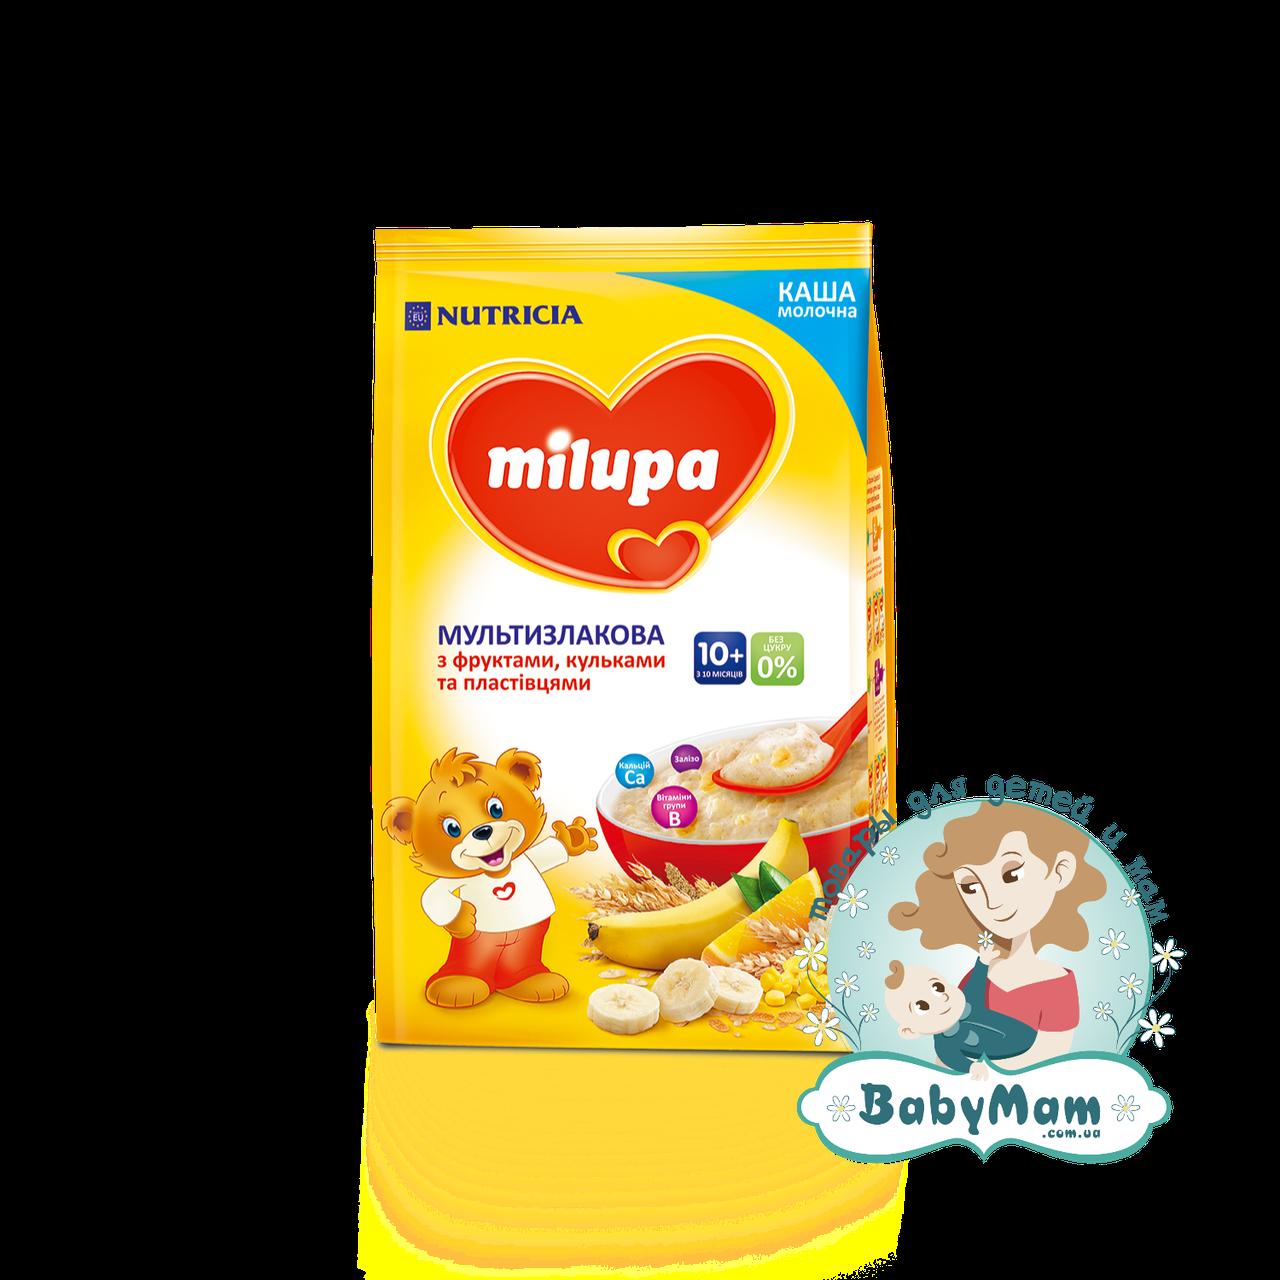 Каша молочная Milupa мультизлаковая с фруктами, хлопьями и рисовыми шариками, 10+, 210гр